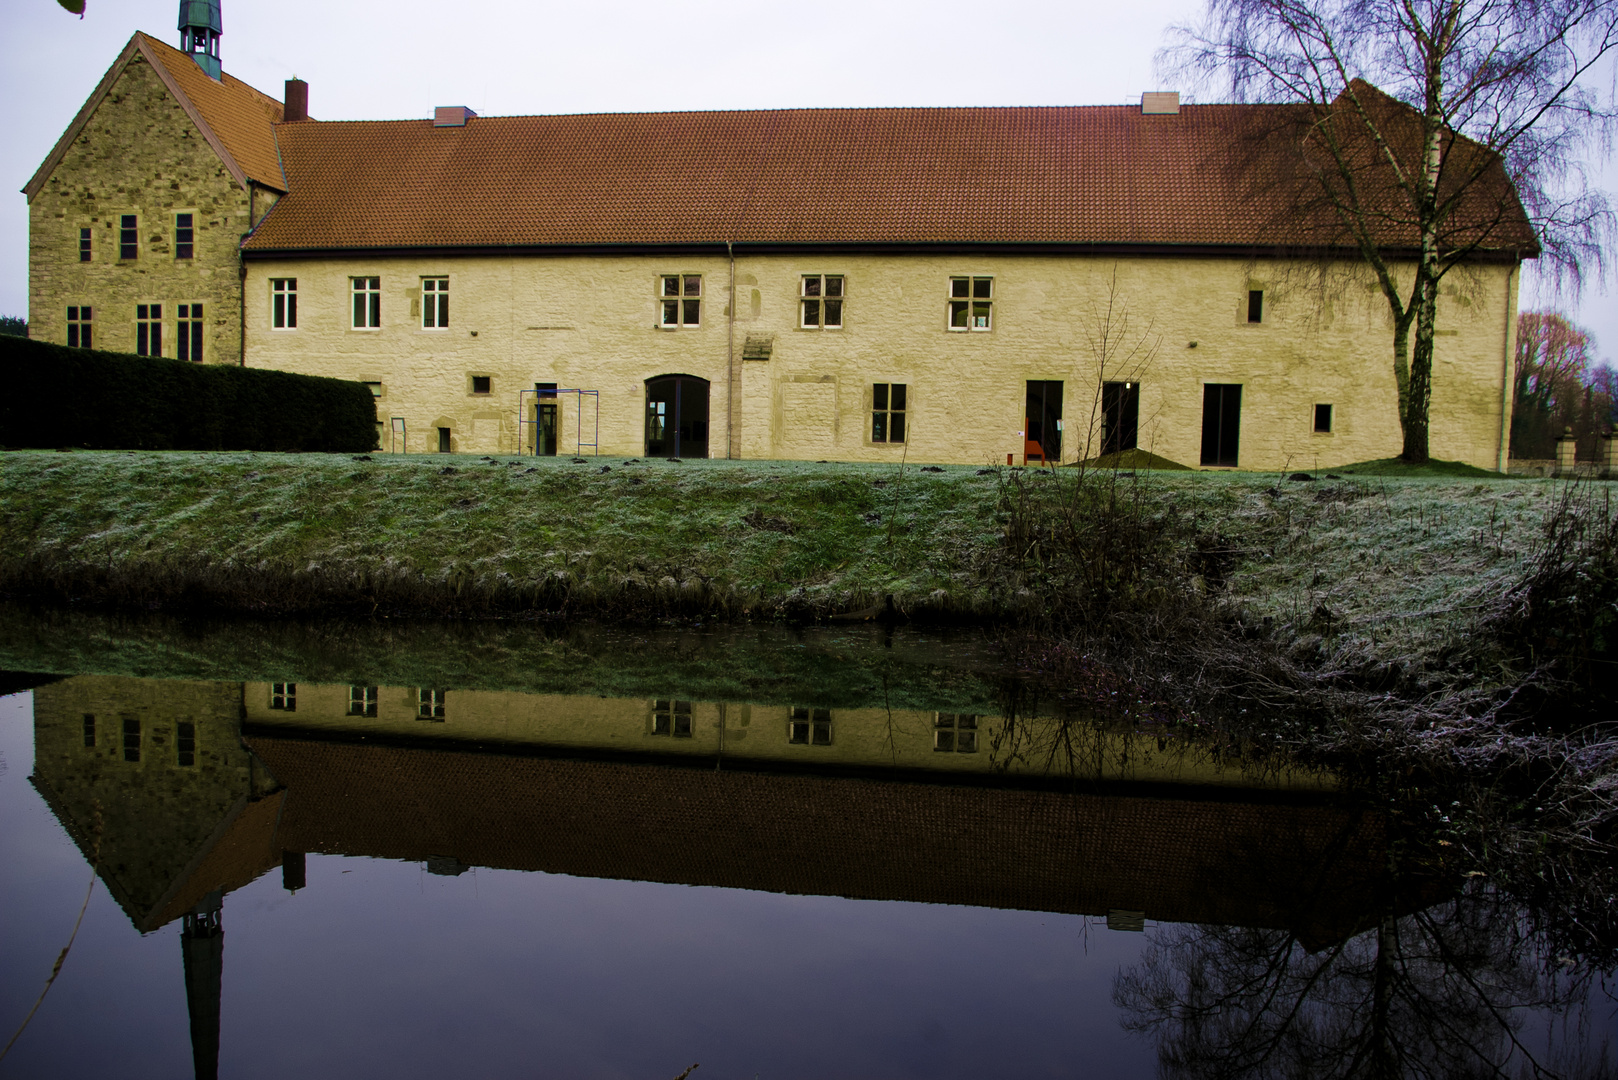 Kloster Gravenhorst von der Seite